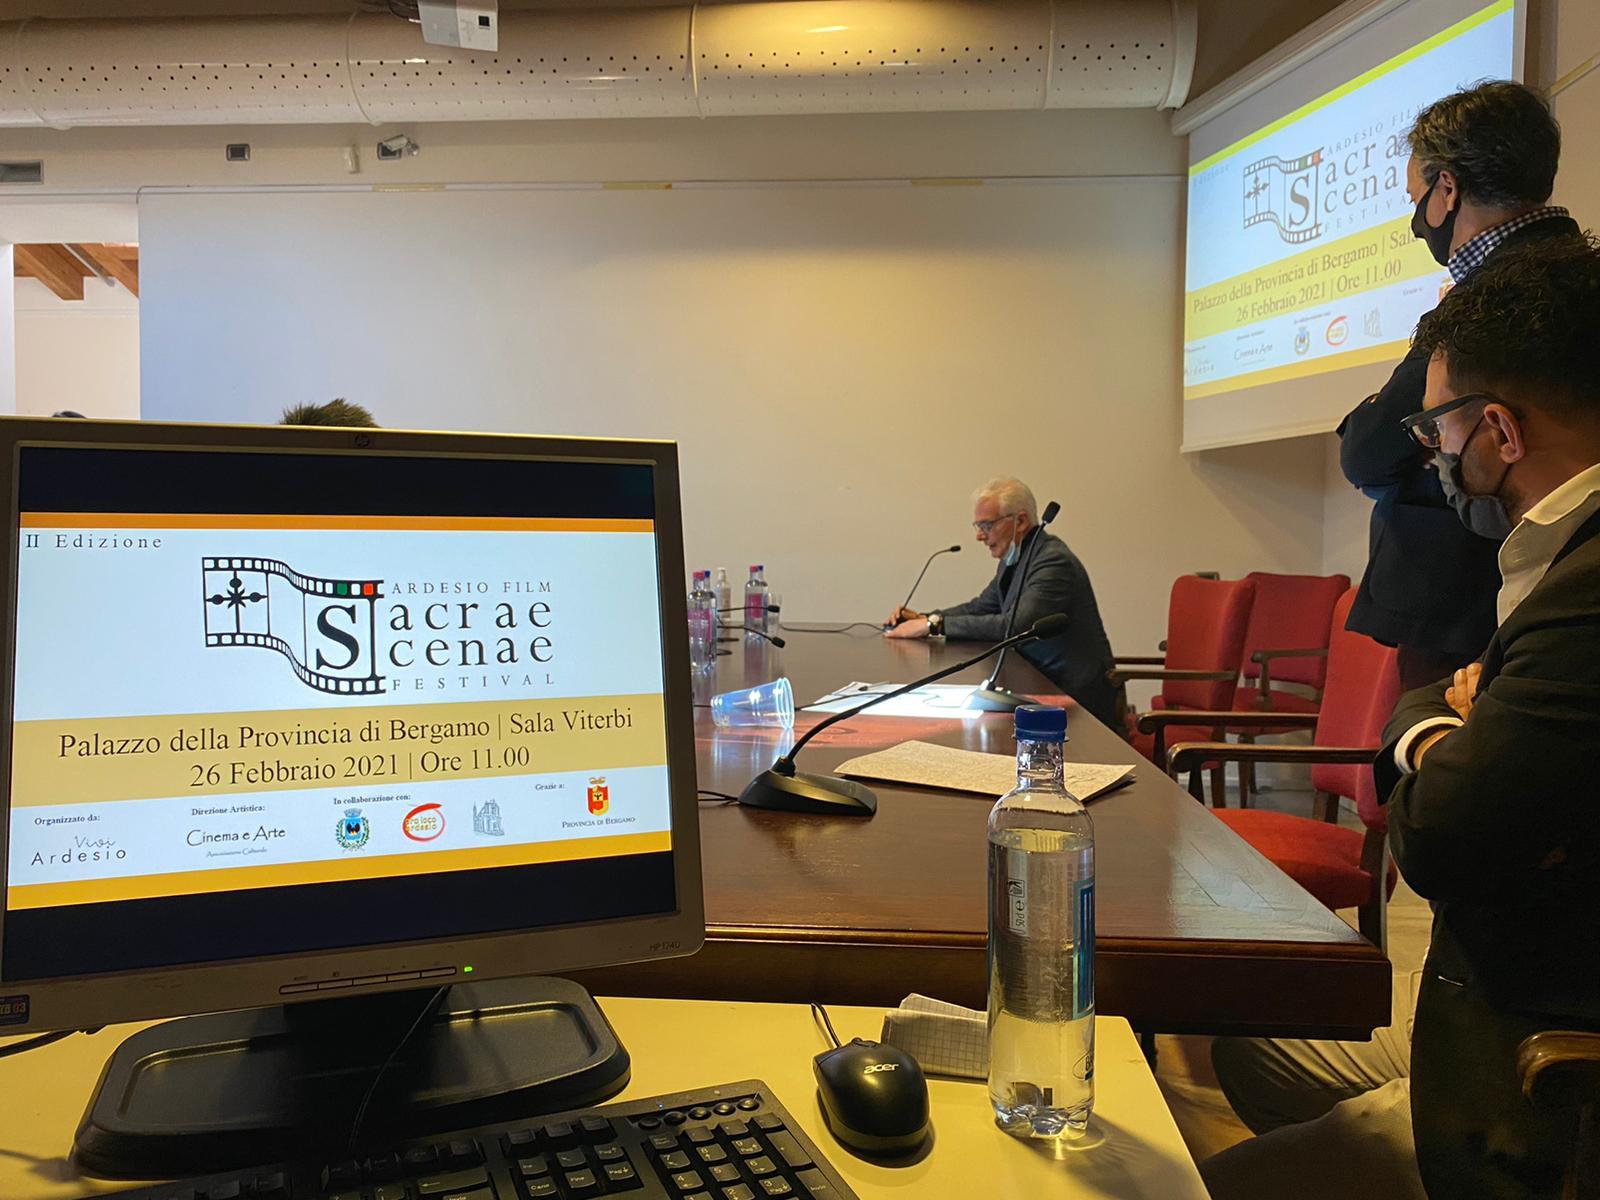 Presentata a Bergamo la seconda edizione di Sacrae Scenae